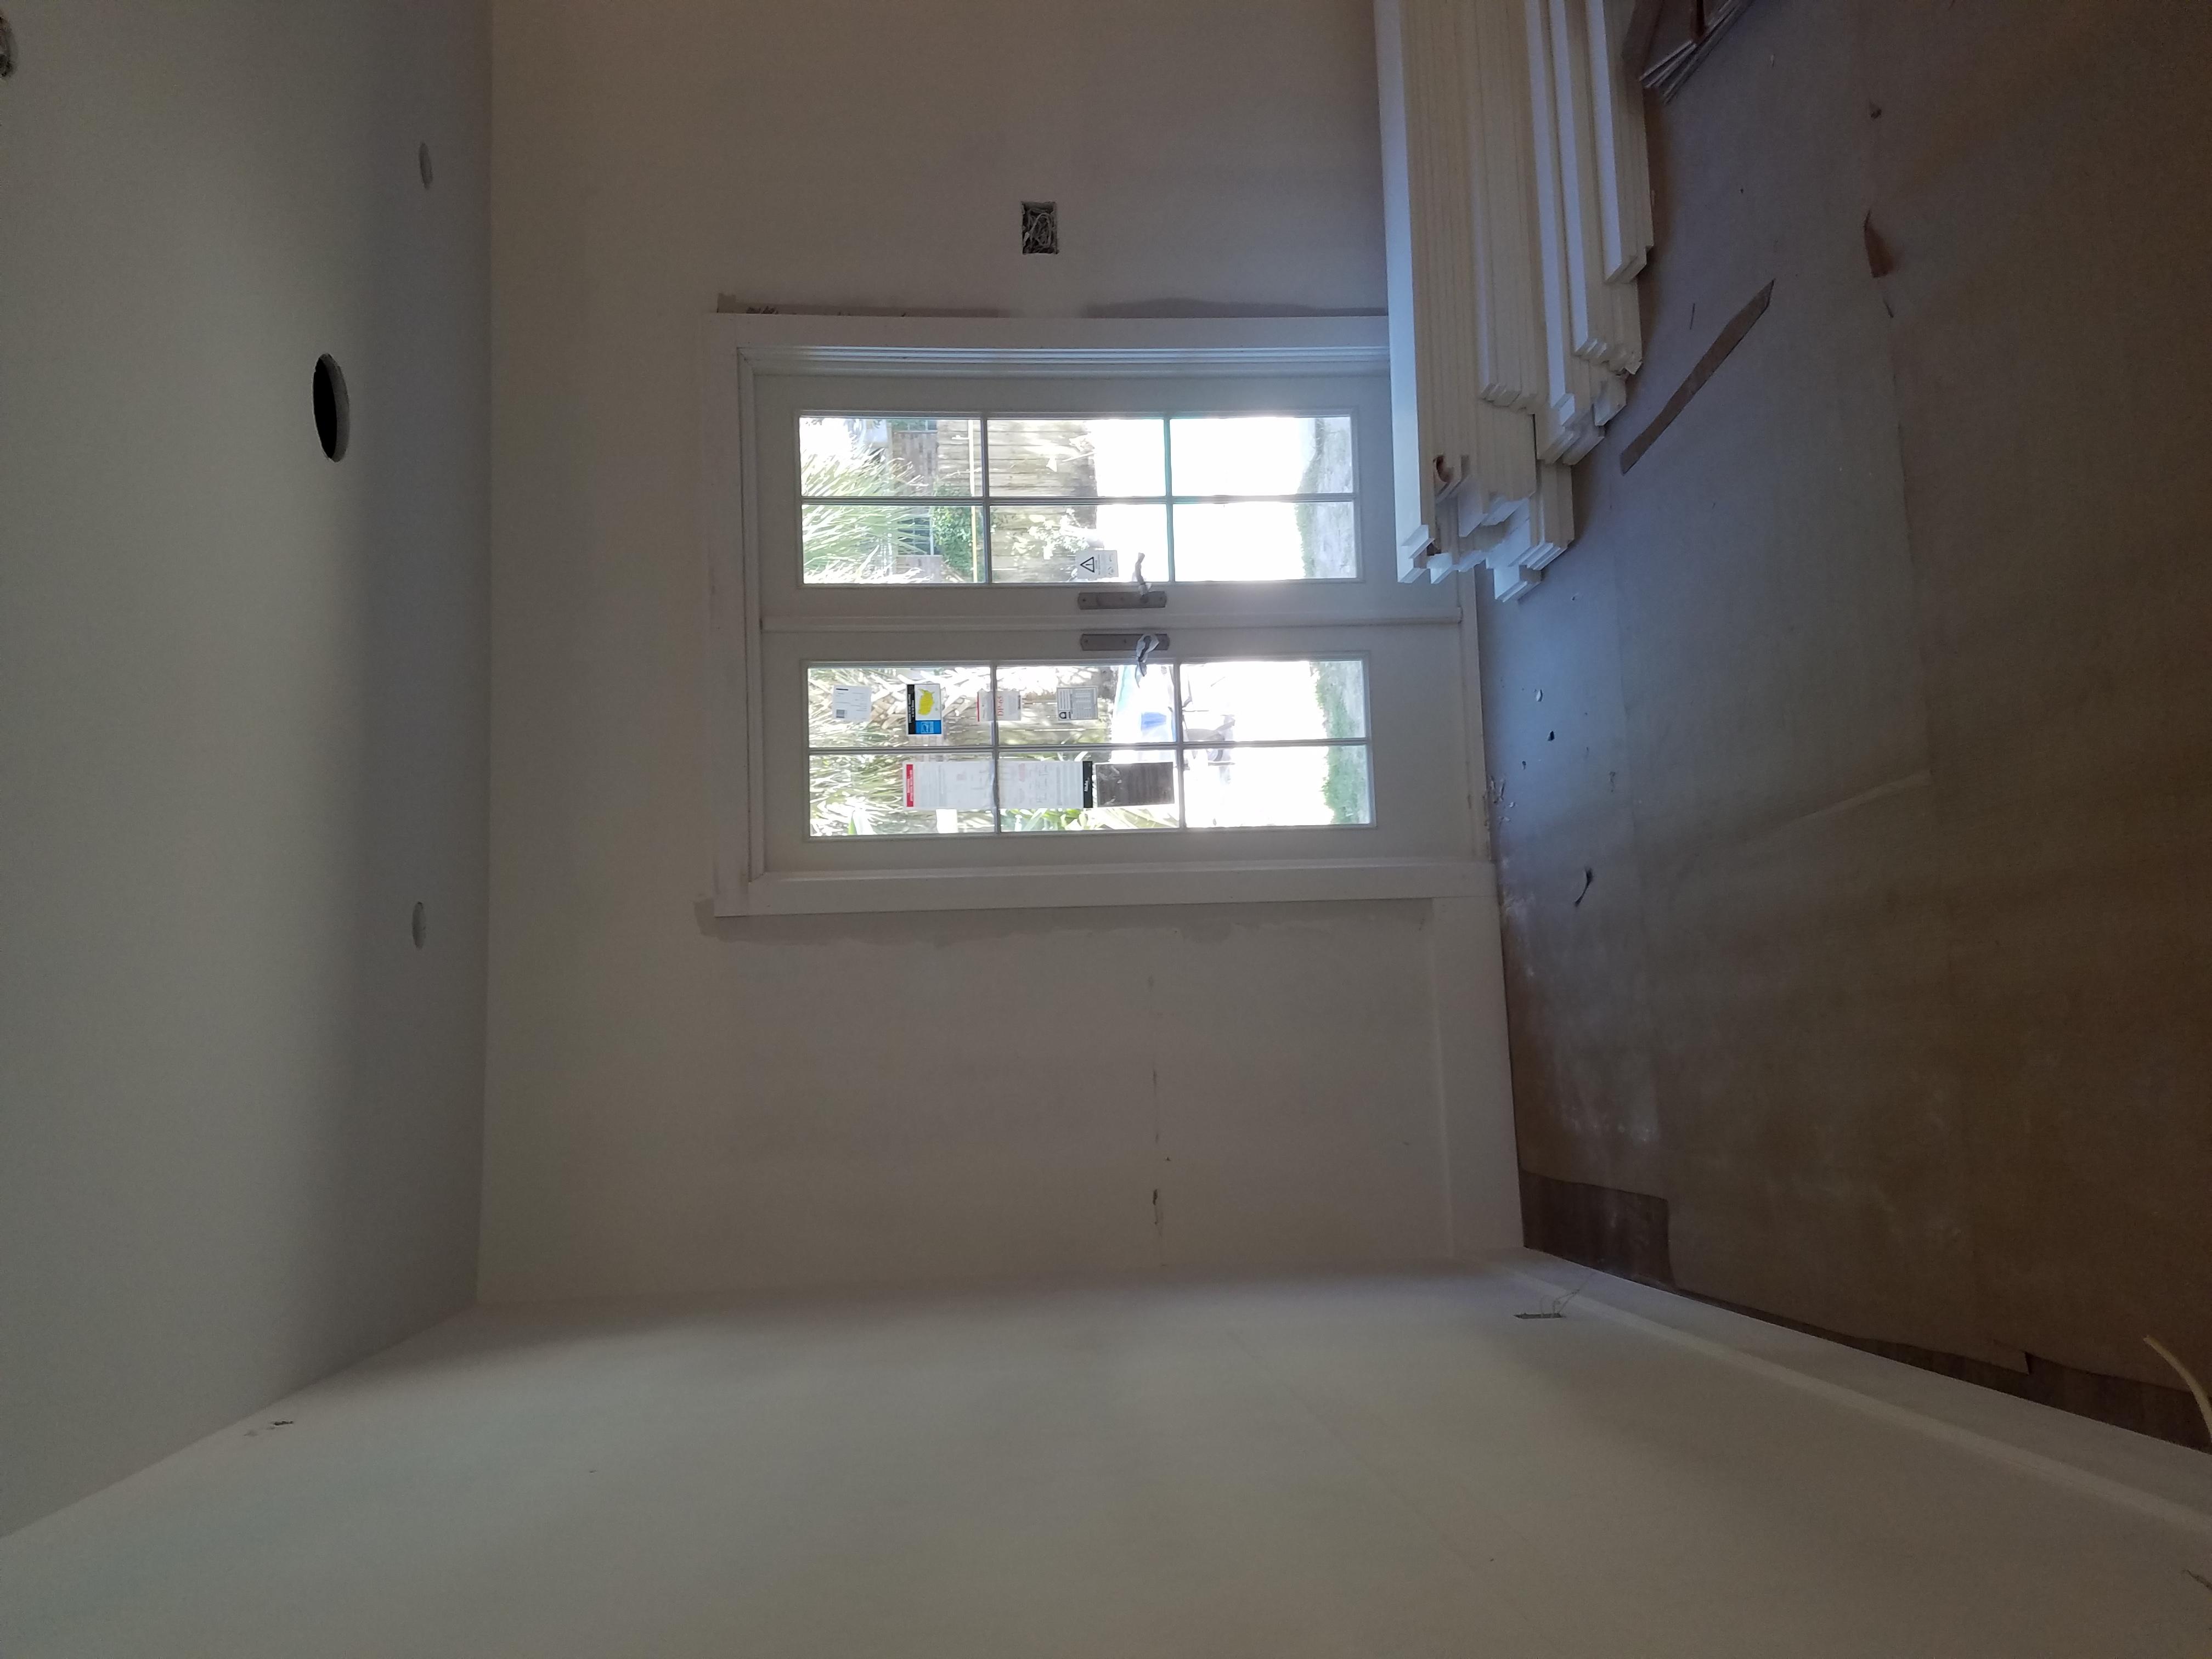 Bonner Residence 3